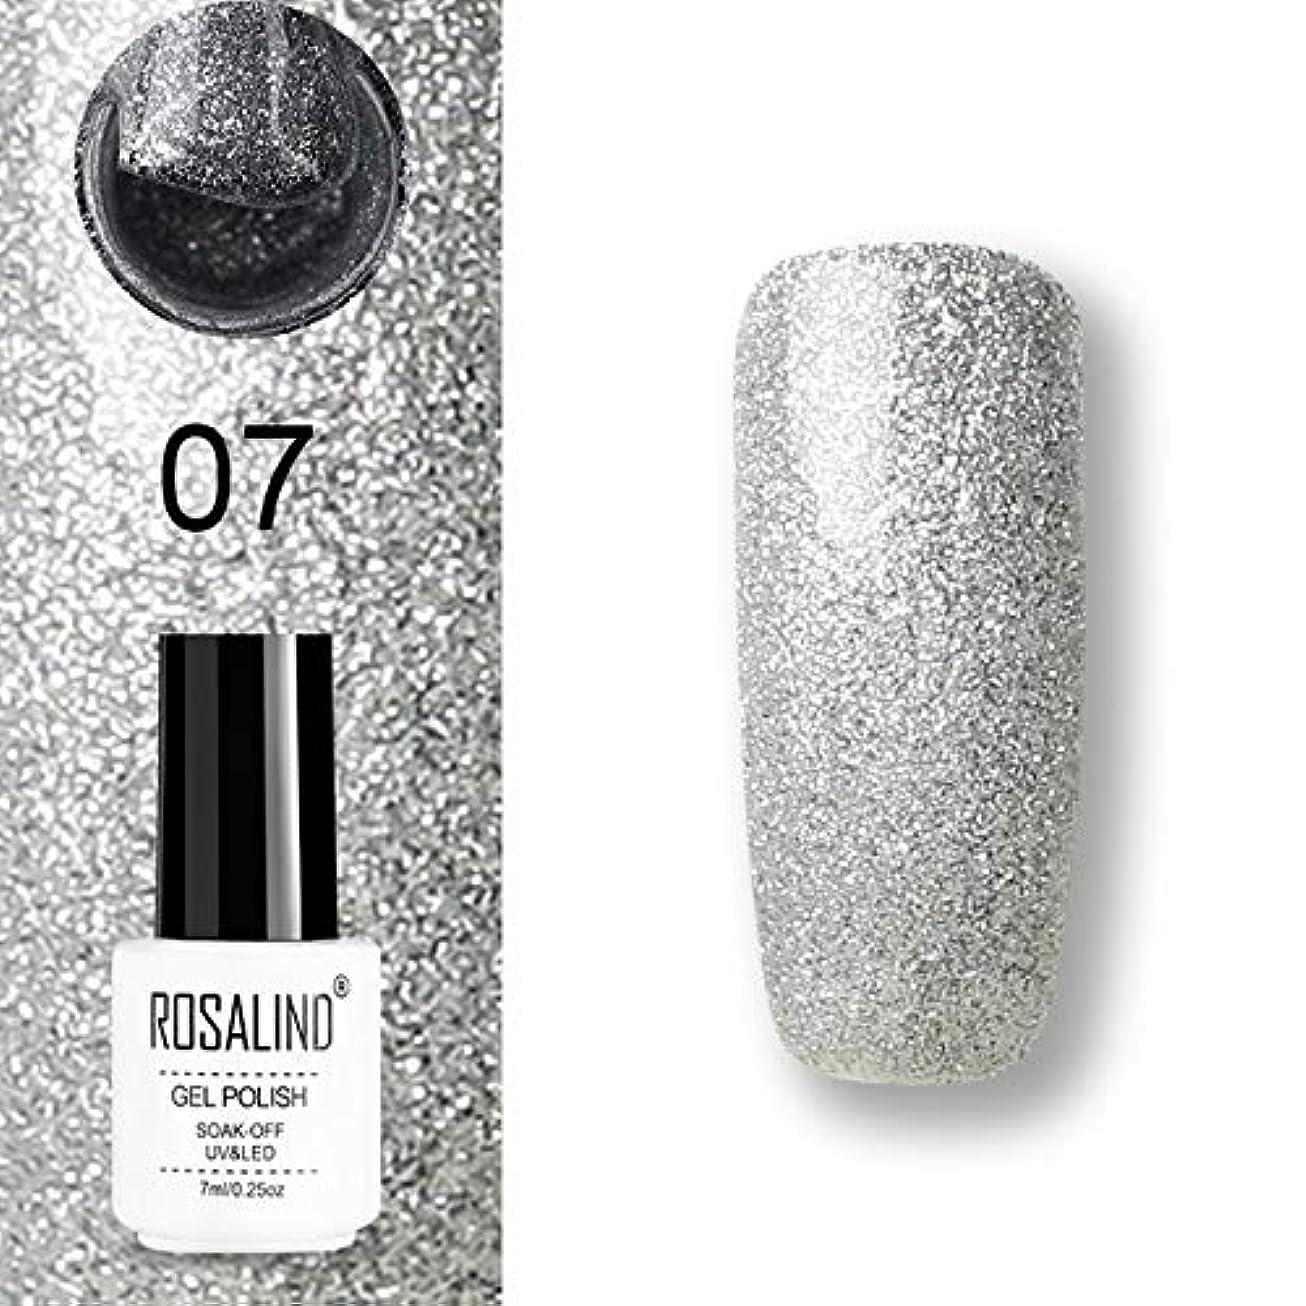 オーバードロー名詞表面ファッションアイテム ROSALINDジェルポリッシュセットUV半永久プライマートップコートポリジェルニスネイルアートマニキュアジェル、容量:7ml 07。 環境に優しいマニキュア